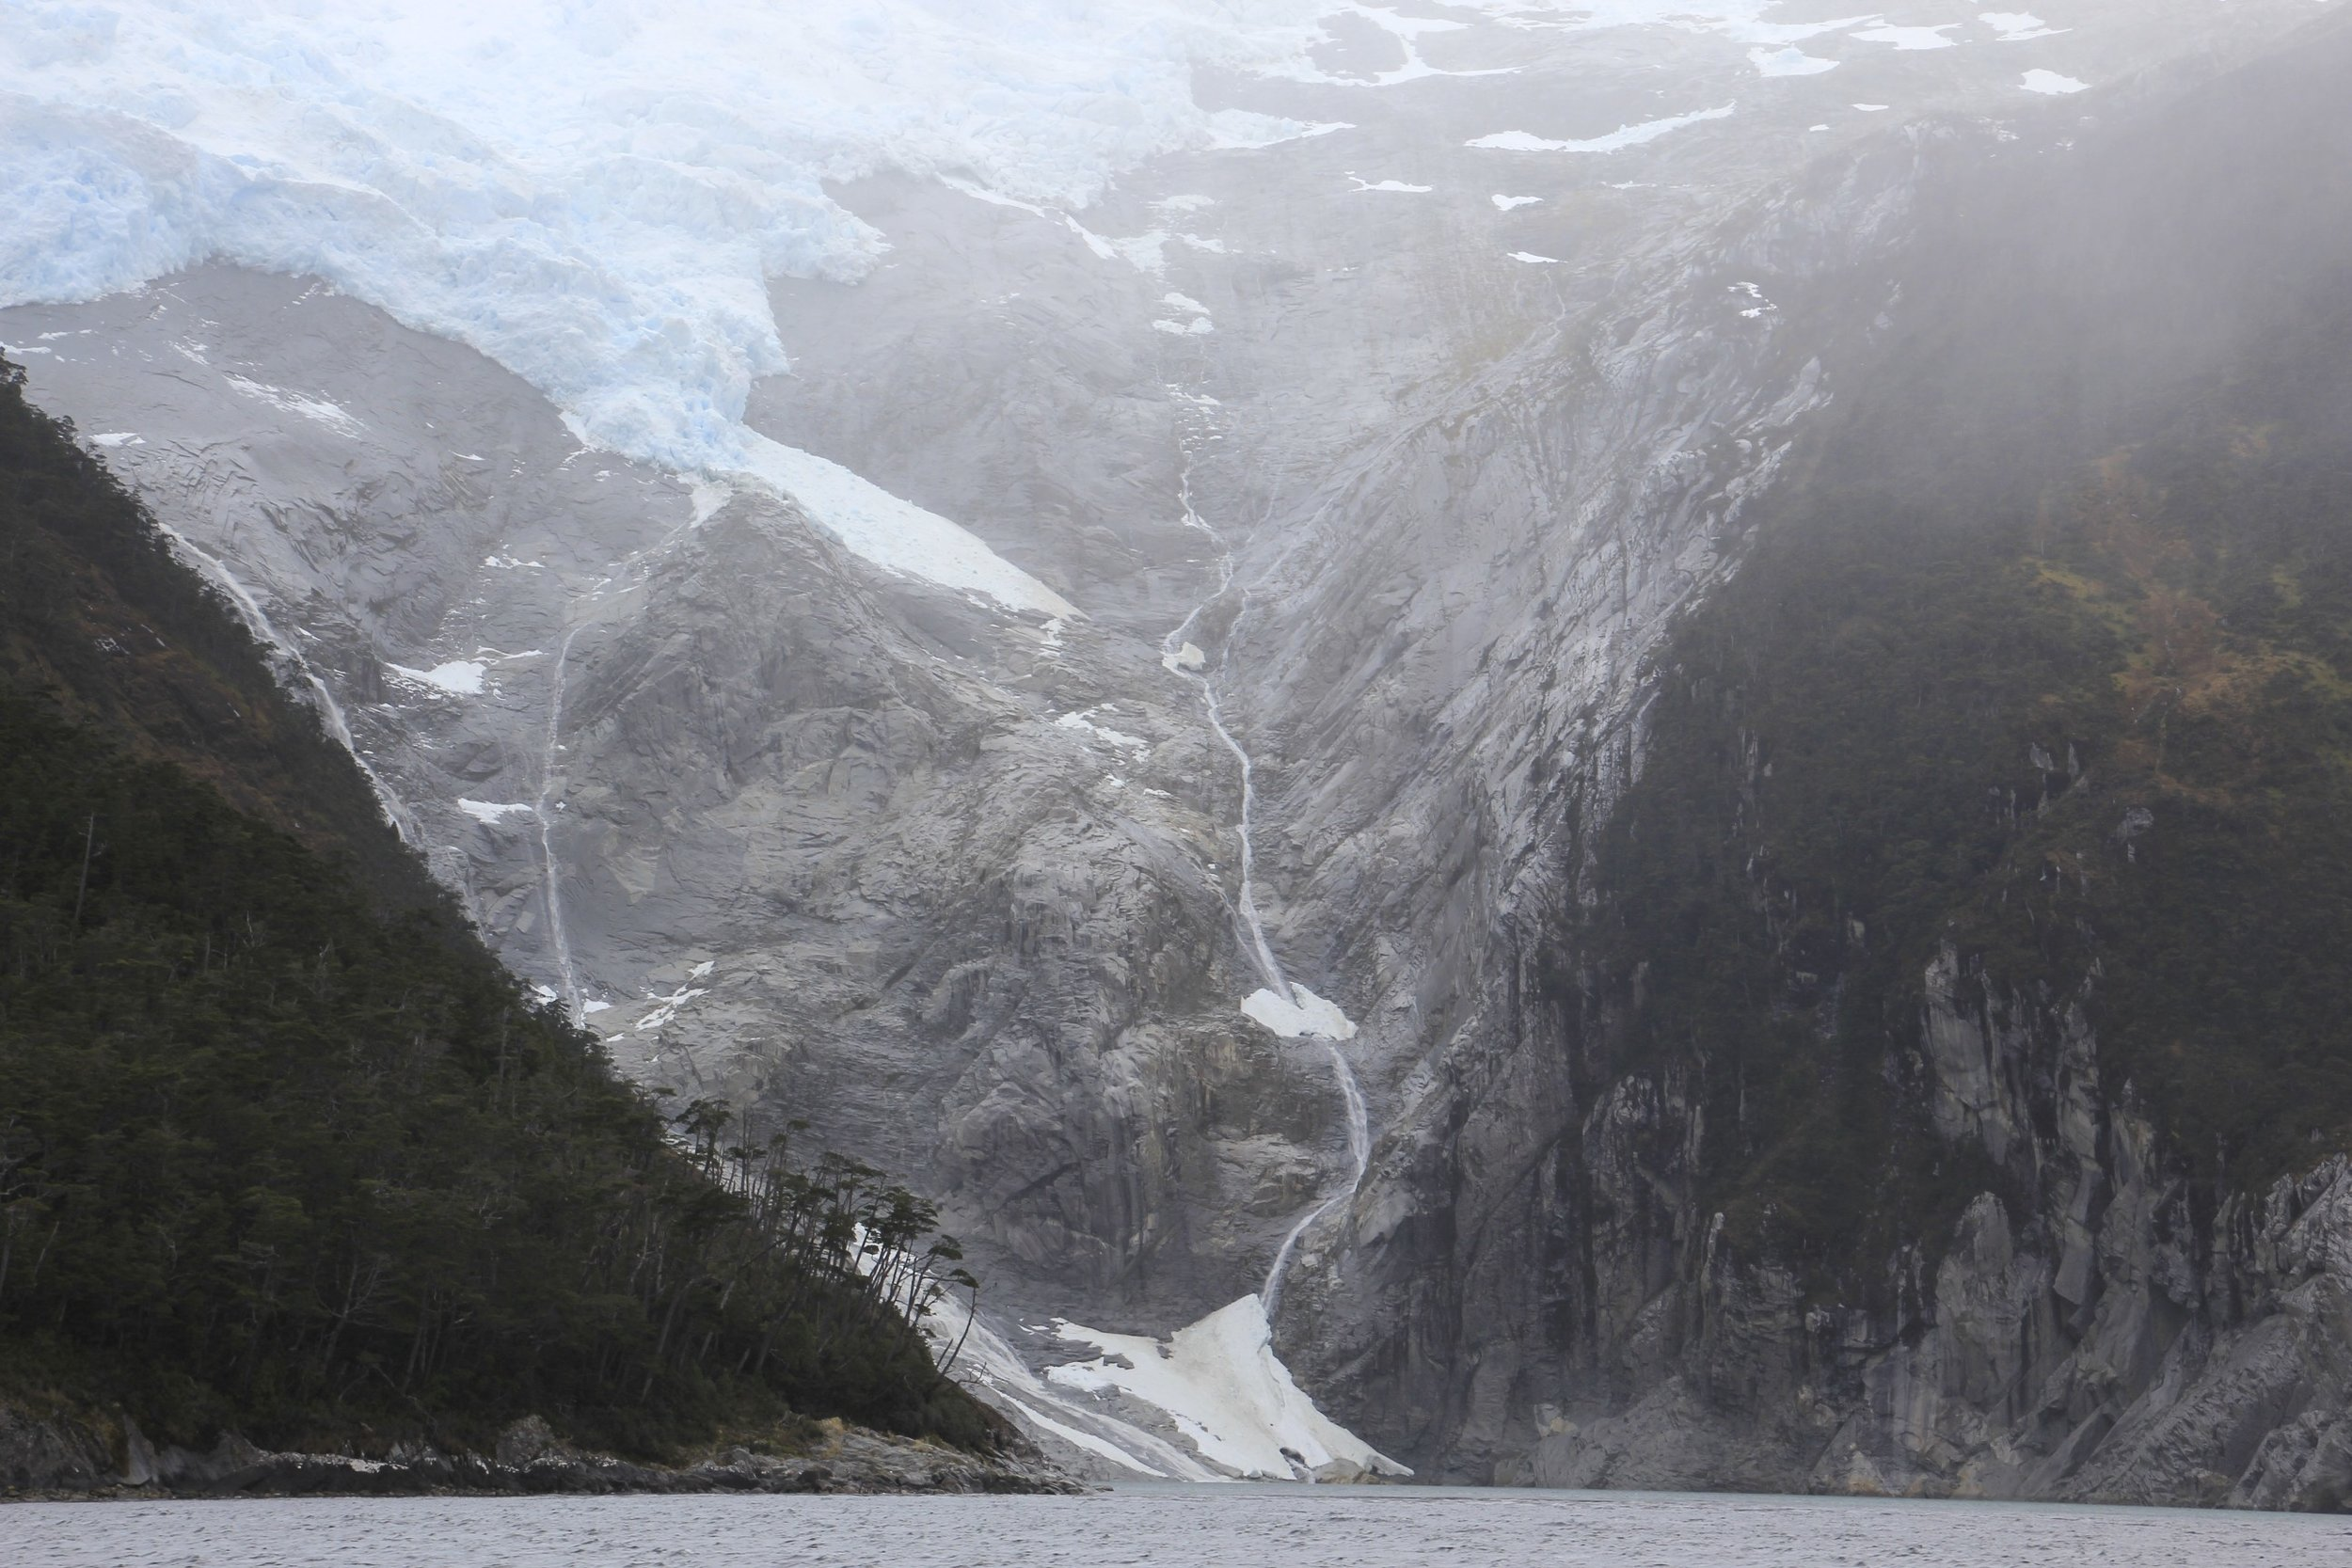 The glaciers of the Tierra del Fuego